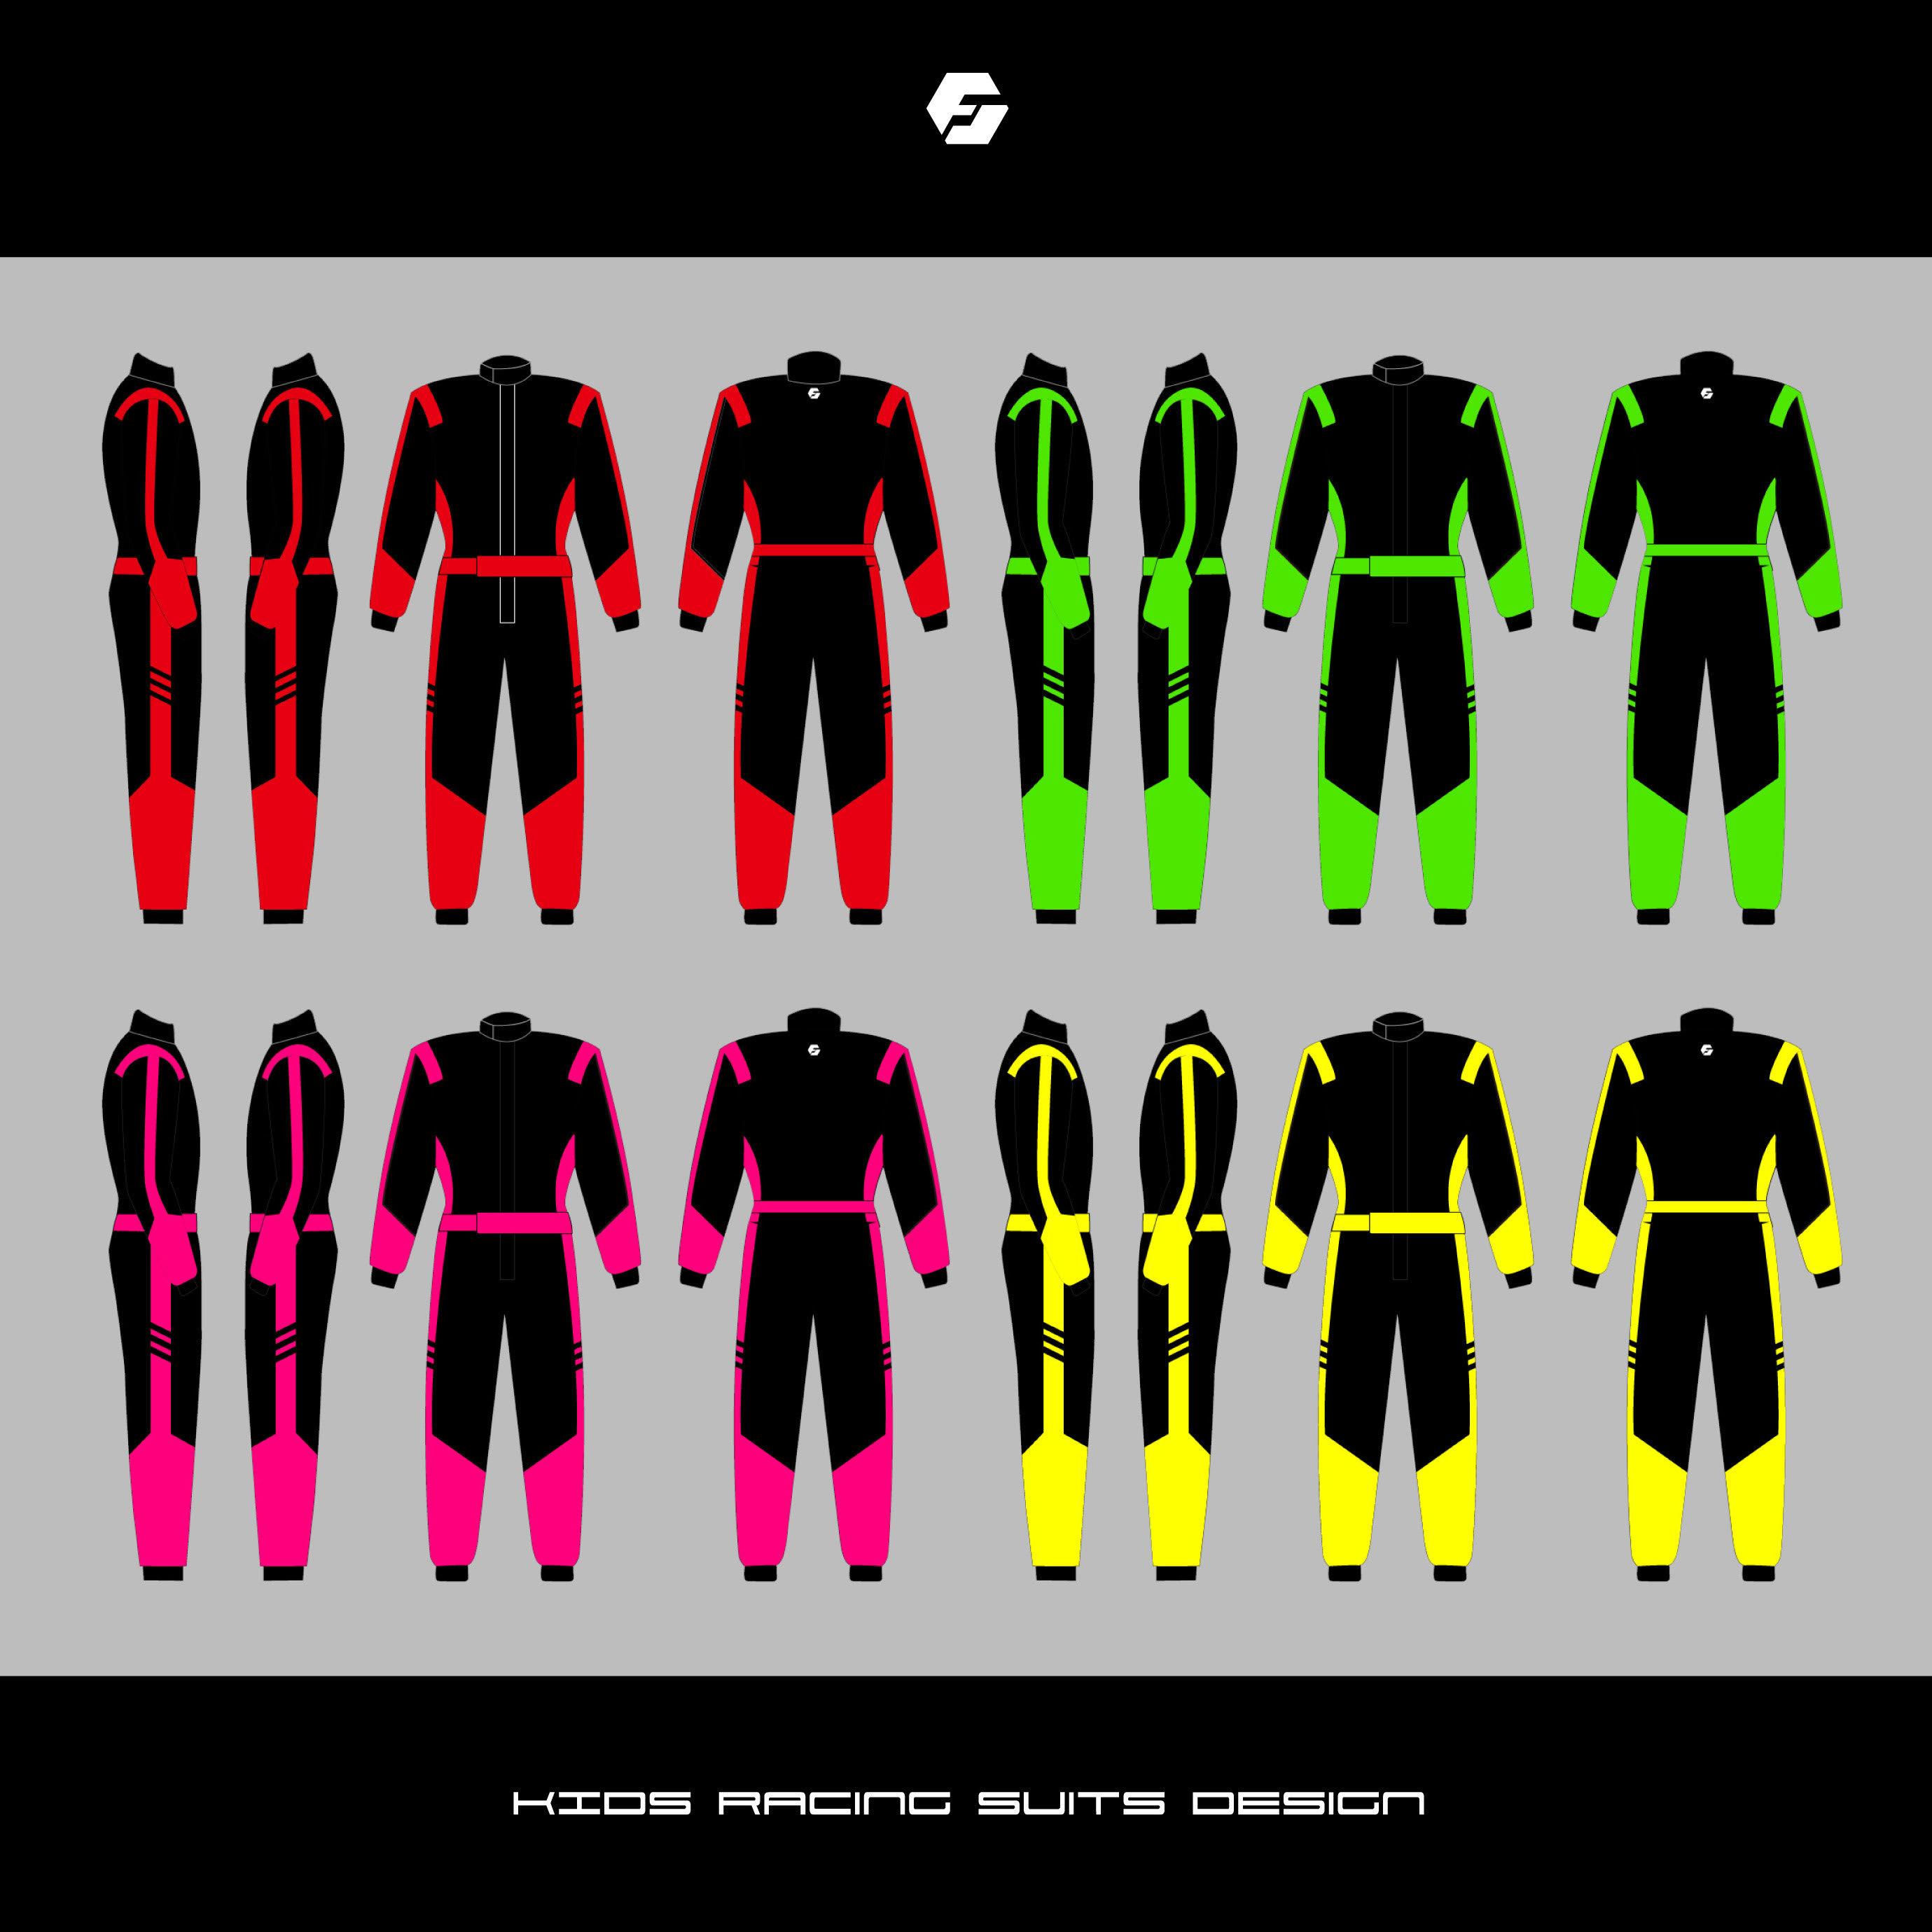 FLAP オリジナルレーシングスーツ